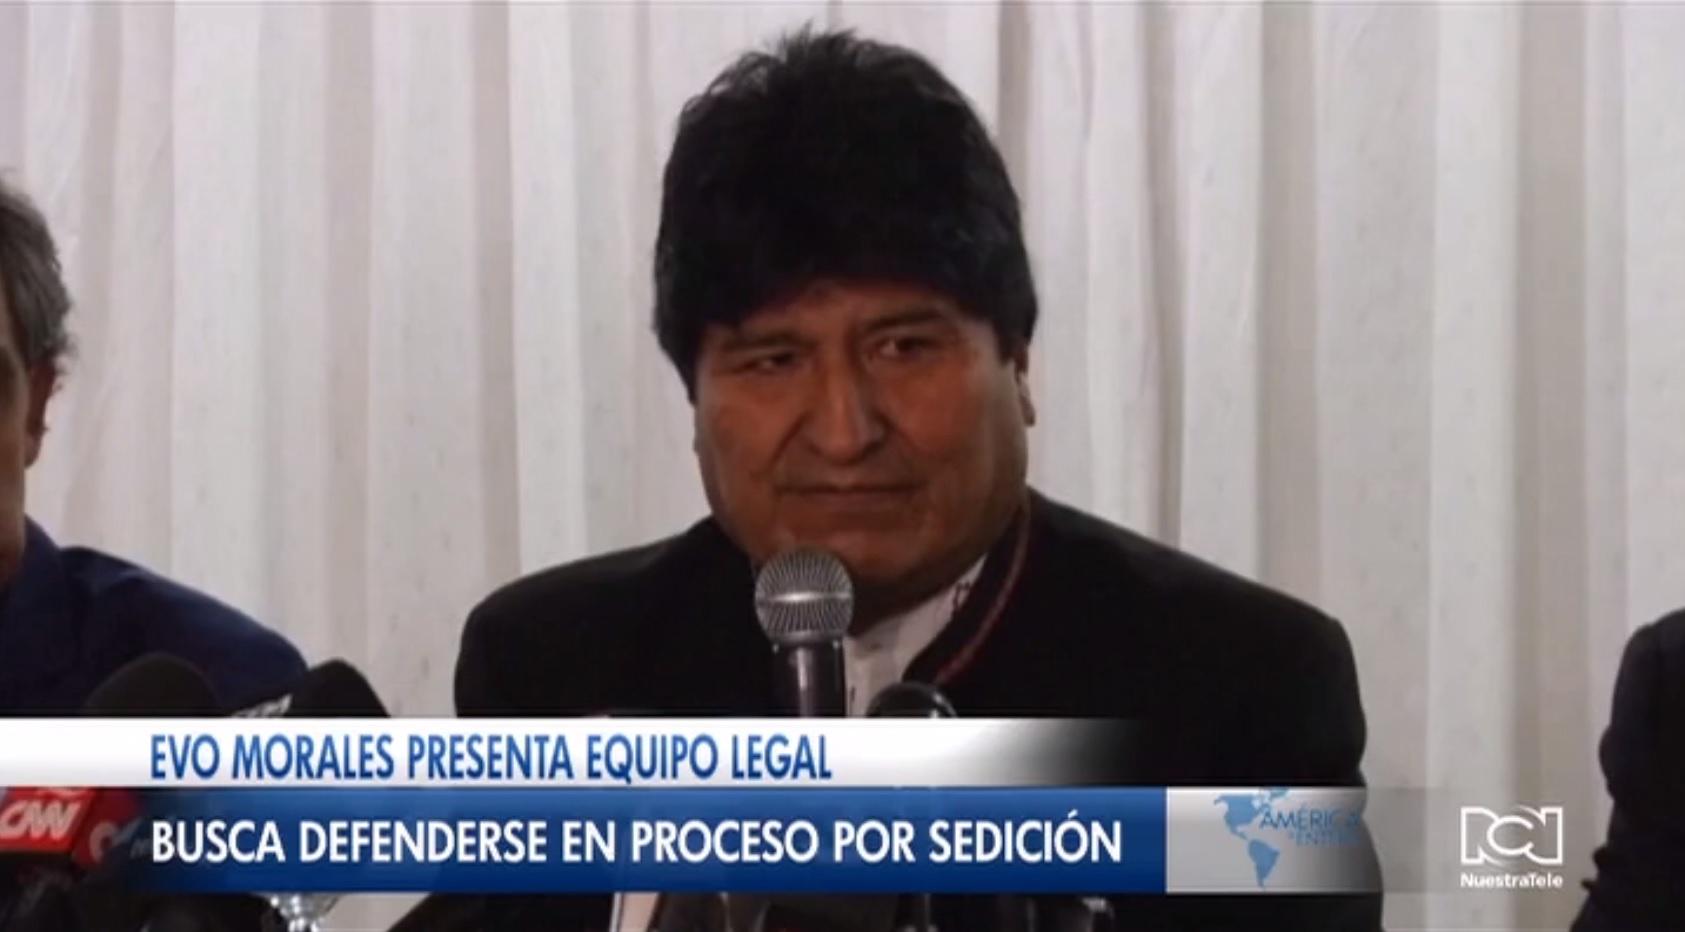 Evo Morales presentó al equipo de abogados que lo defenderá en proceso por sedición